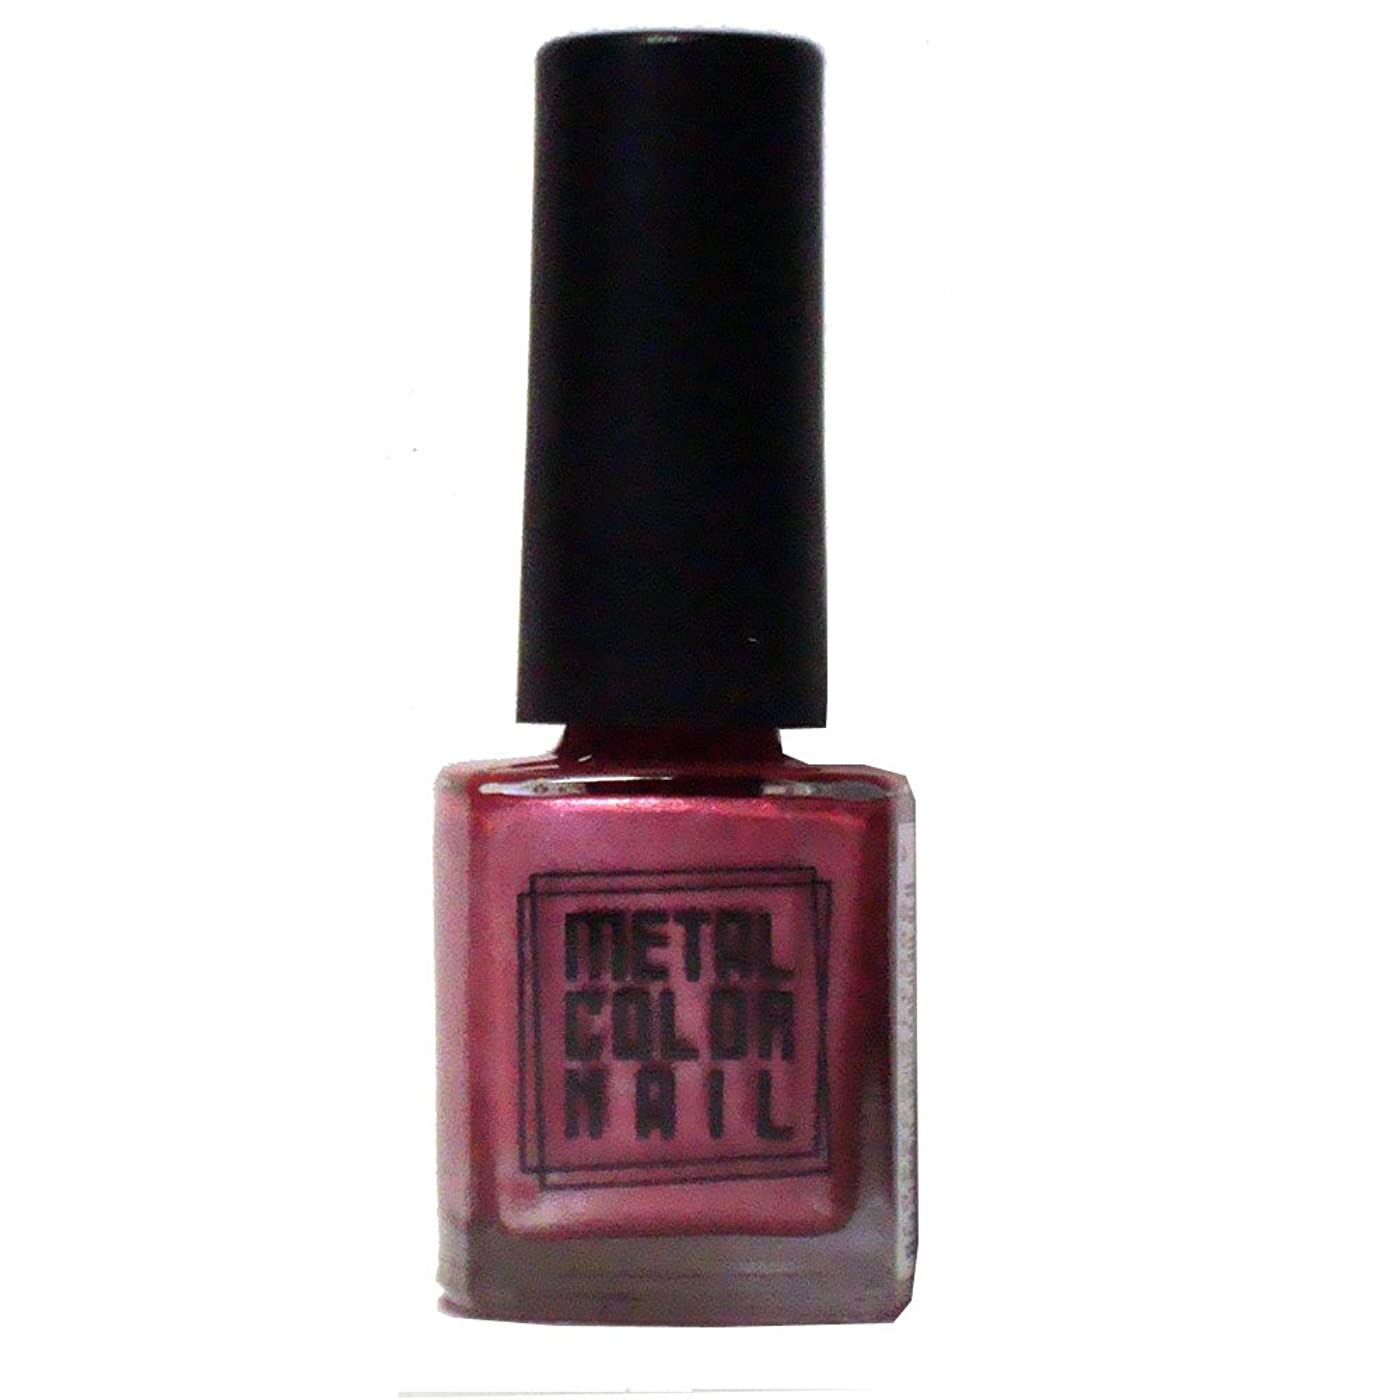 してはいけない楽しい別々にTM メタルカラーネイル TMMN1604 ピンク (爪化粧料)